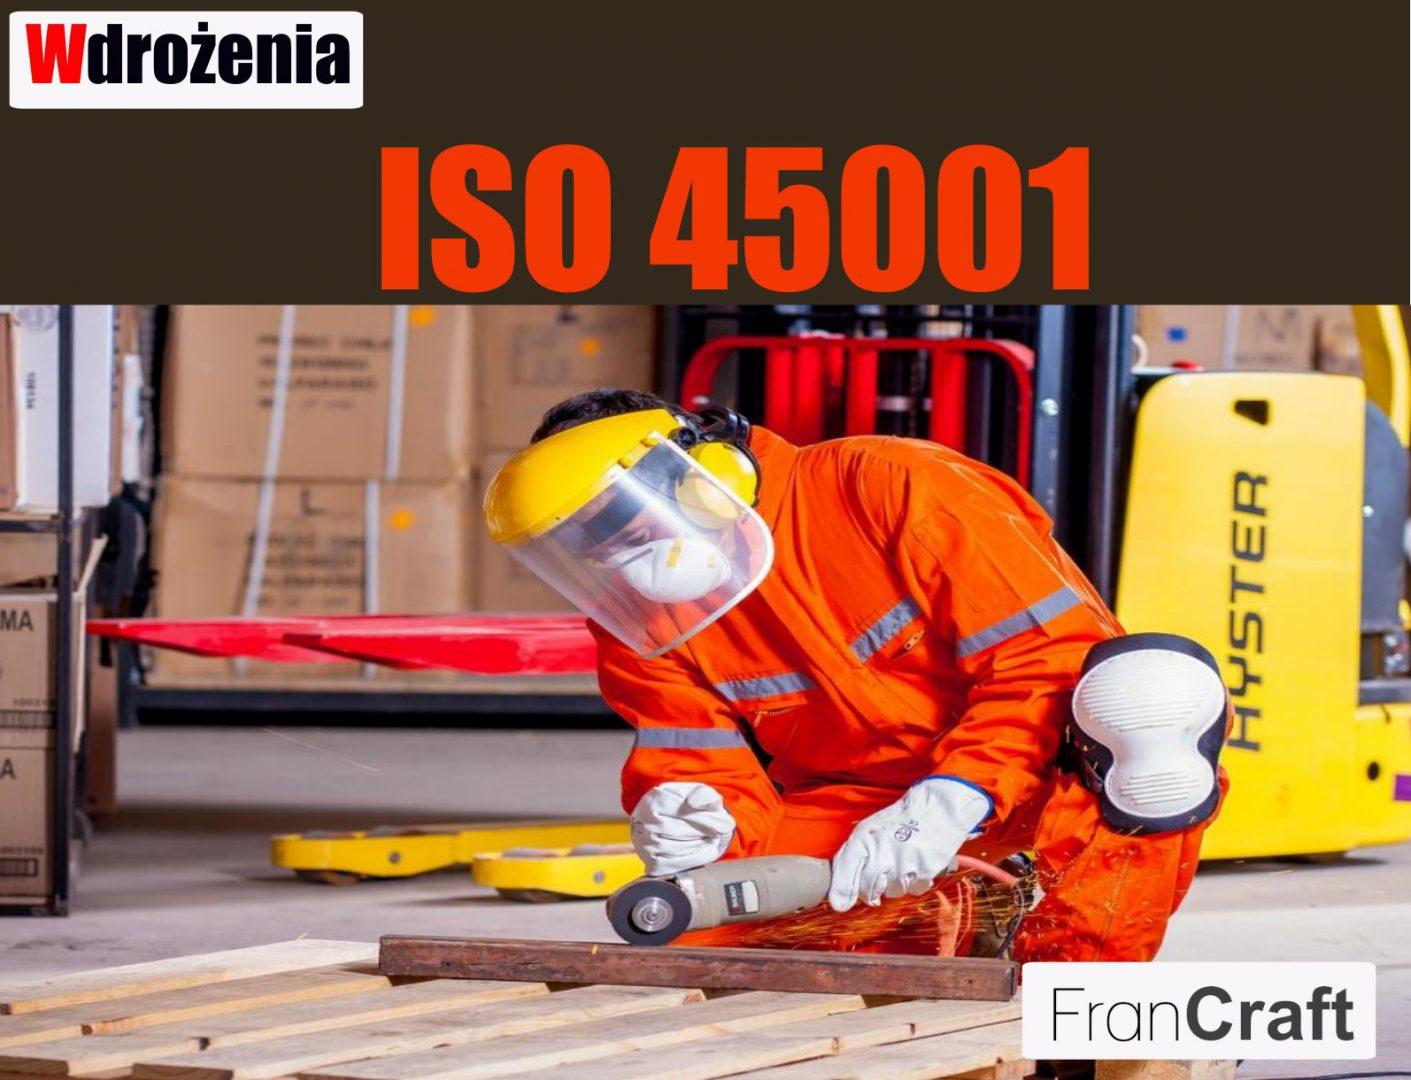 wdrażanie normy ISO 45001 zarządzanie bezpieczeństwem i higieną pracy